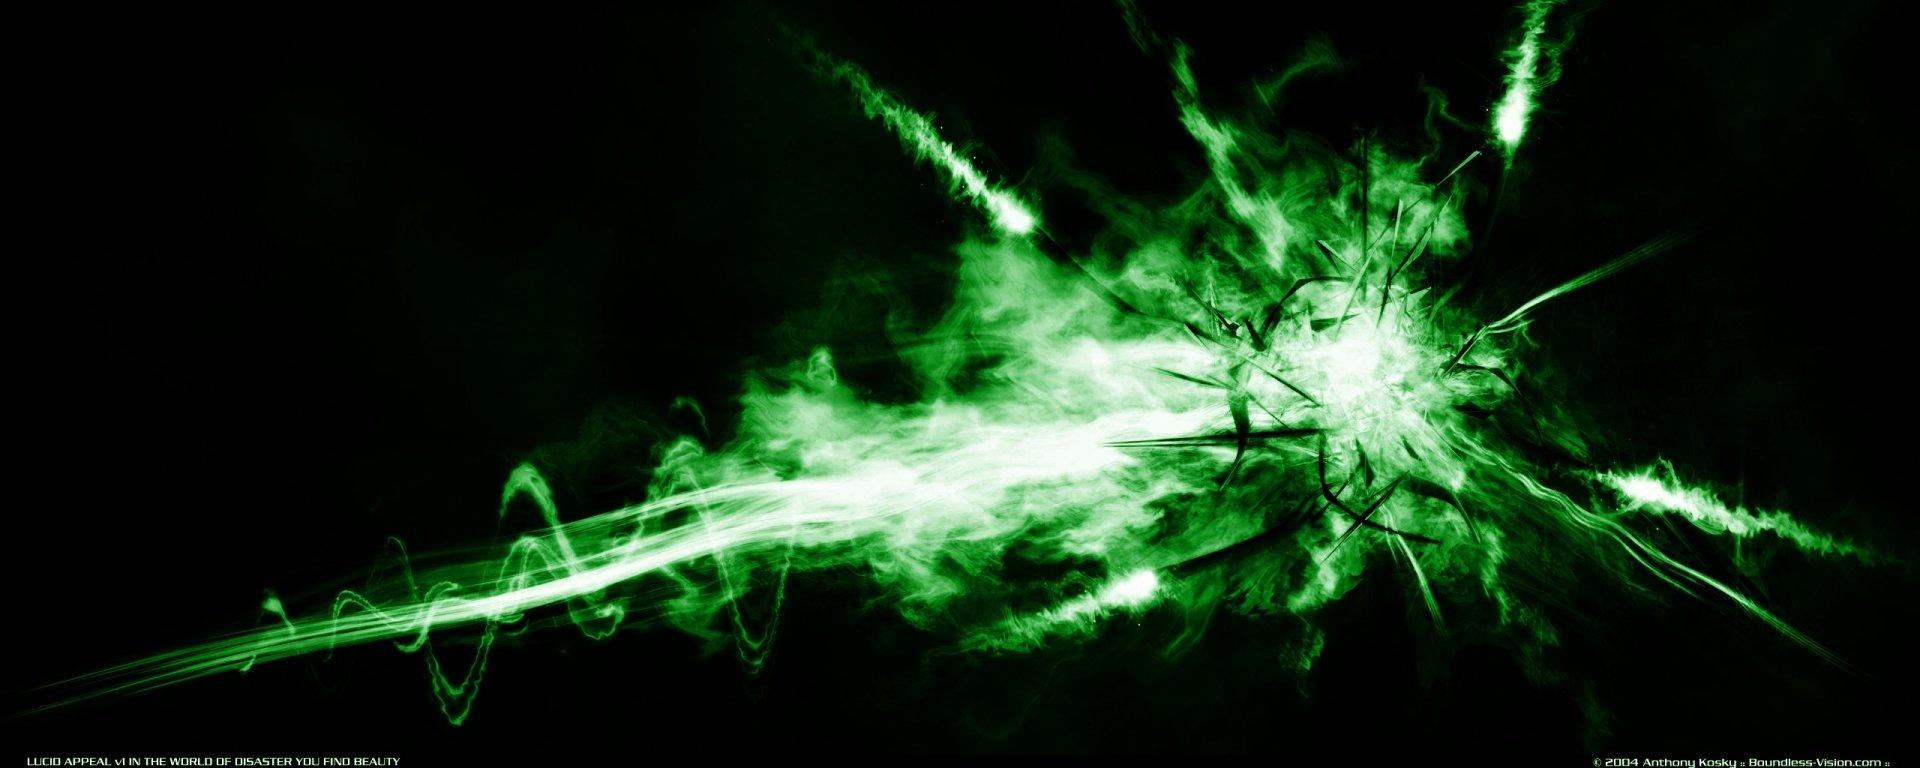 Abstrakt - Grün  Explosion Wallpaper